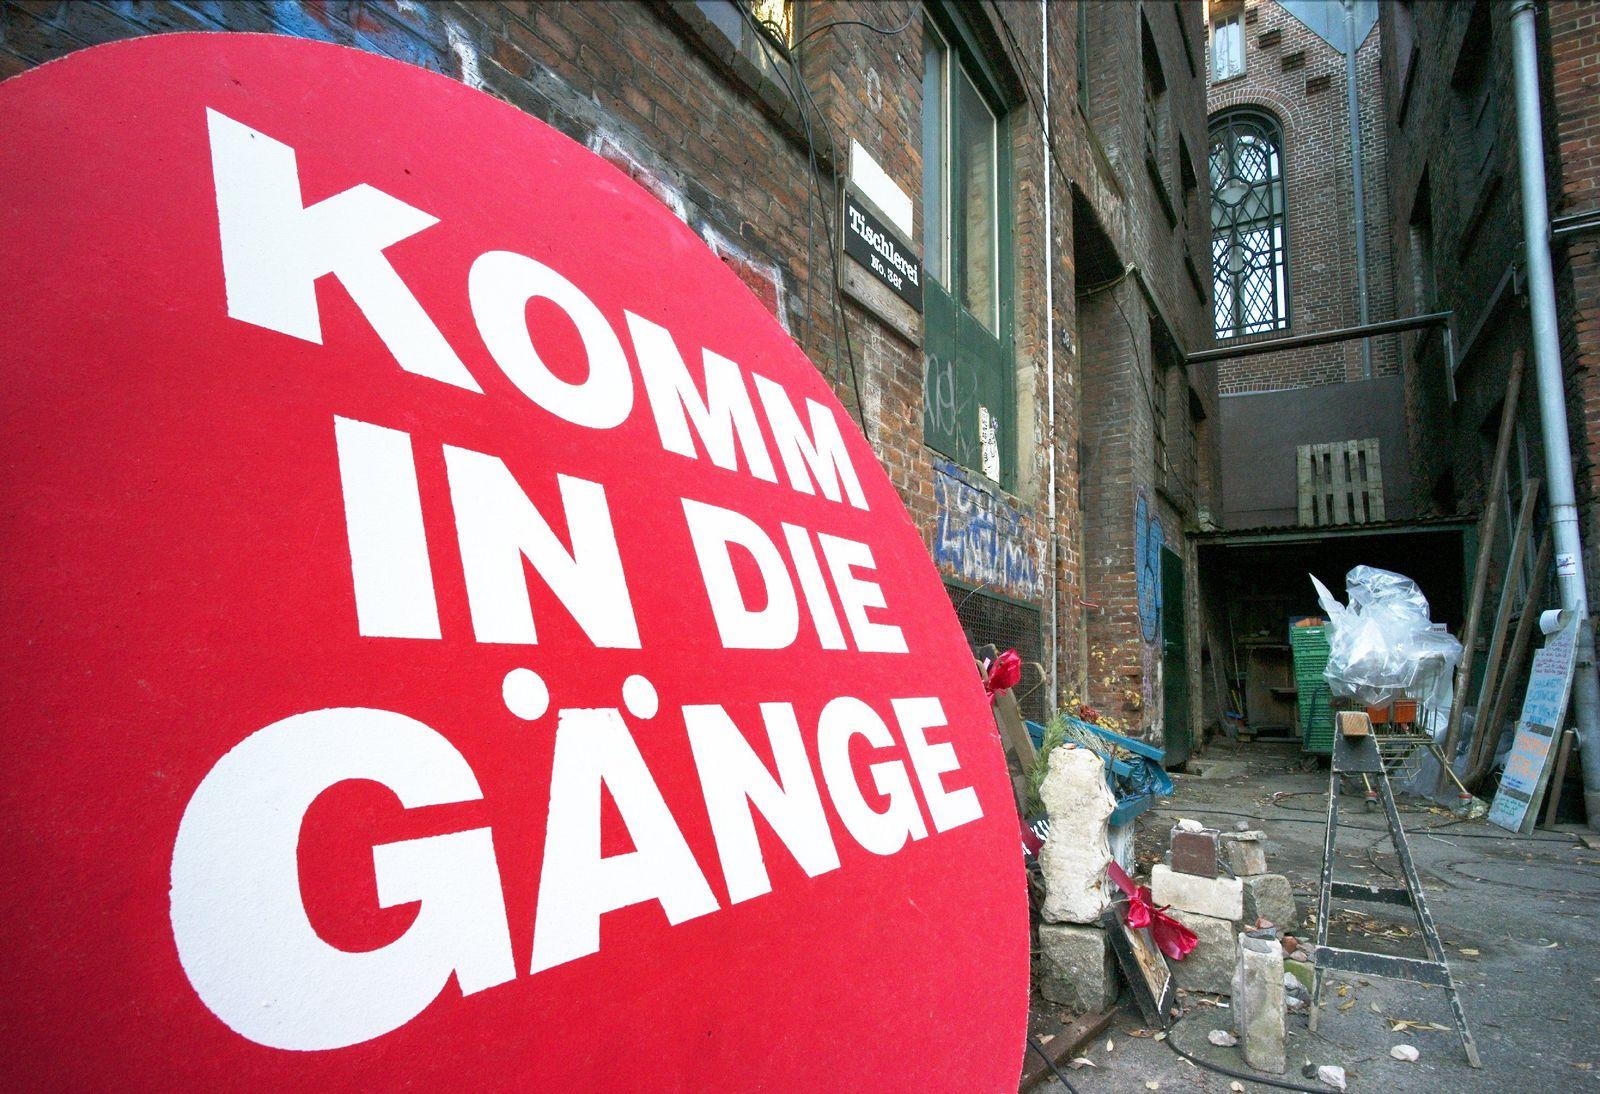 Hamburger Gängeviertel / Komm in die Gänge